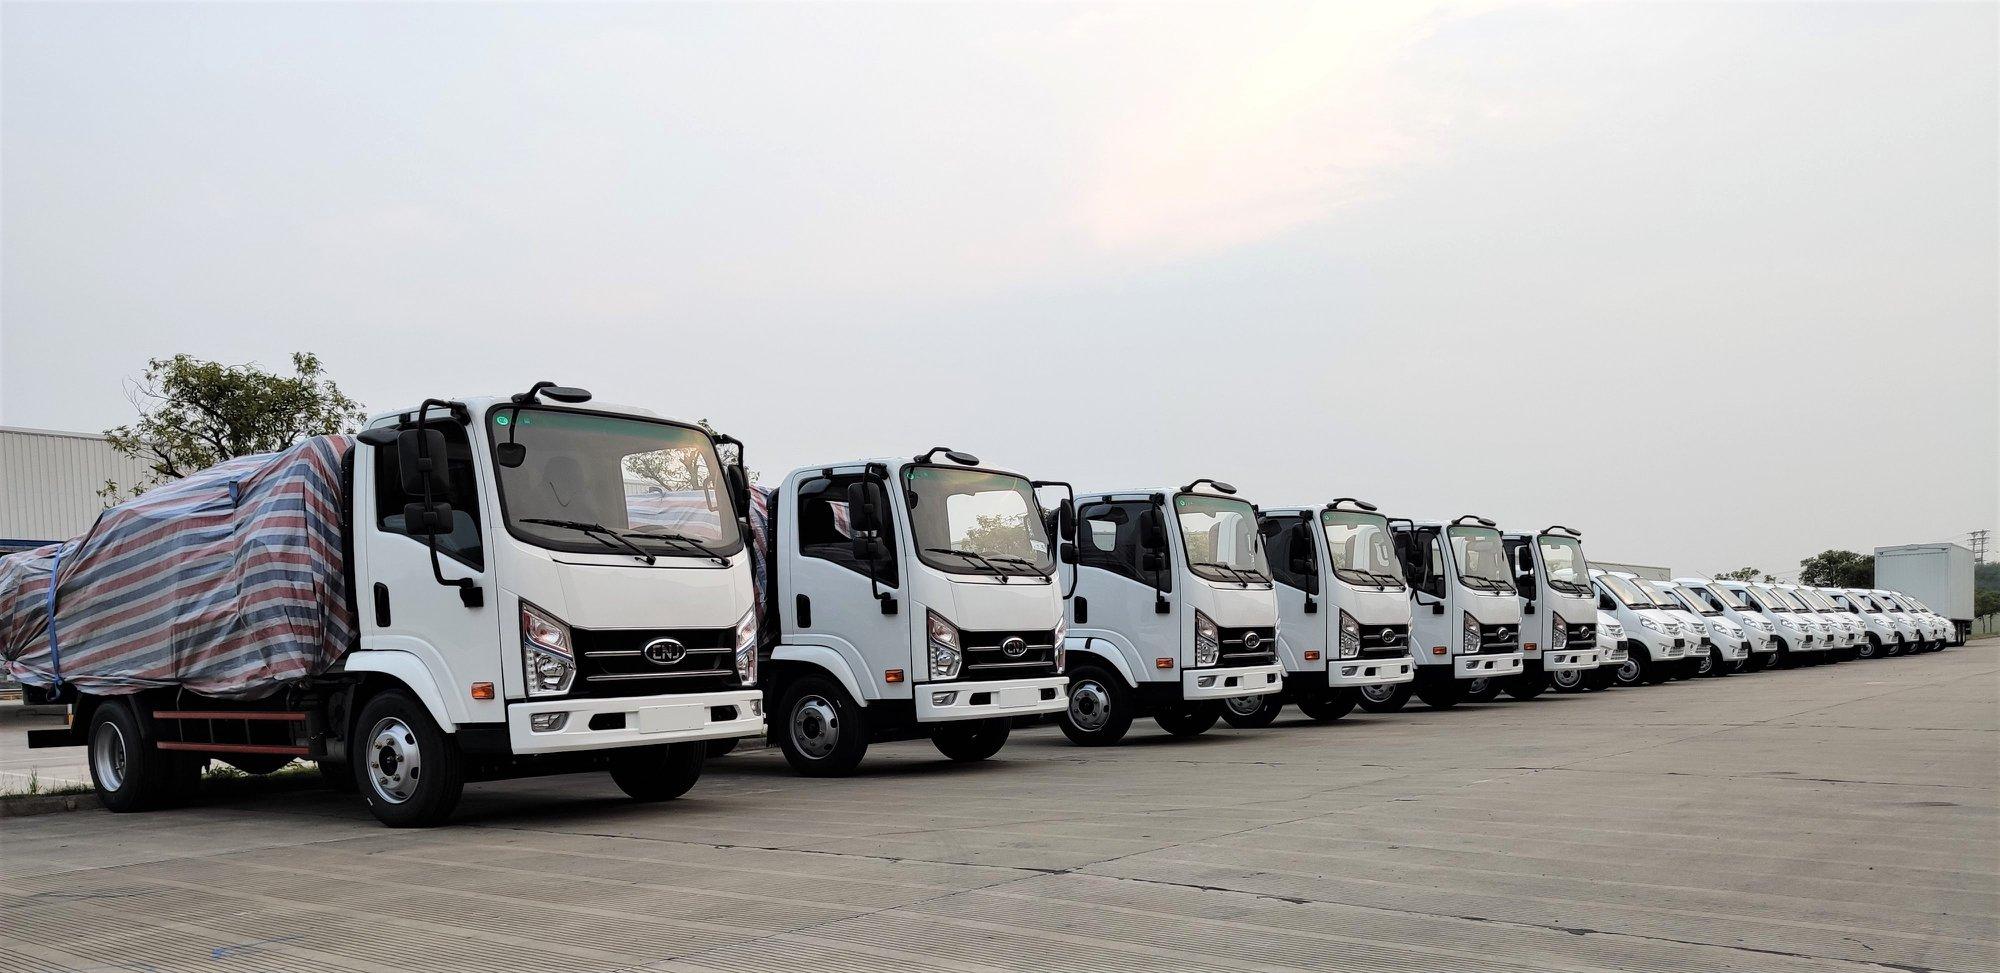 20-verse-witte-vrachtwagens--4-tons-lichte-vrachtwagens-en-2-ton-mini-trucks--zijn-klaar-voor-levering-naar-Madagaskar-1